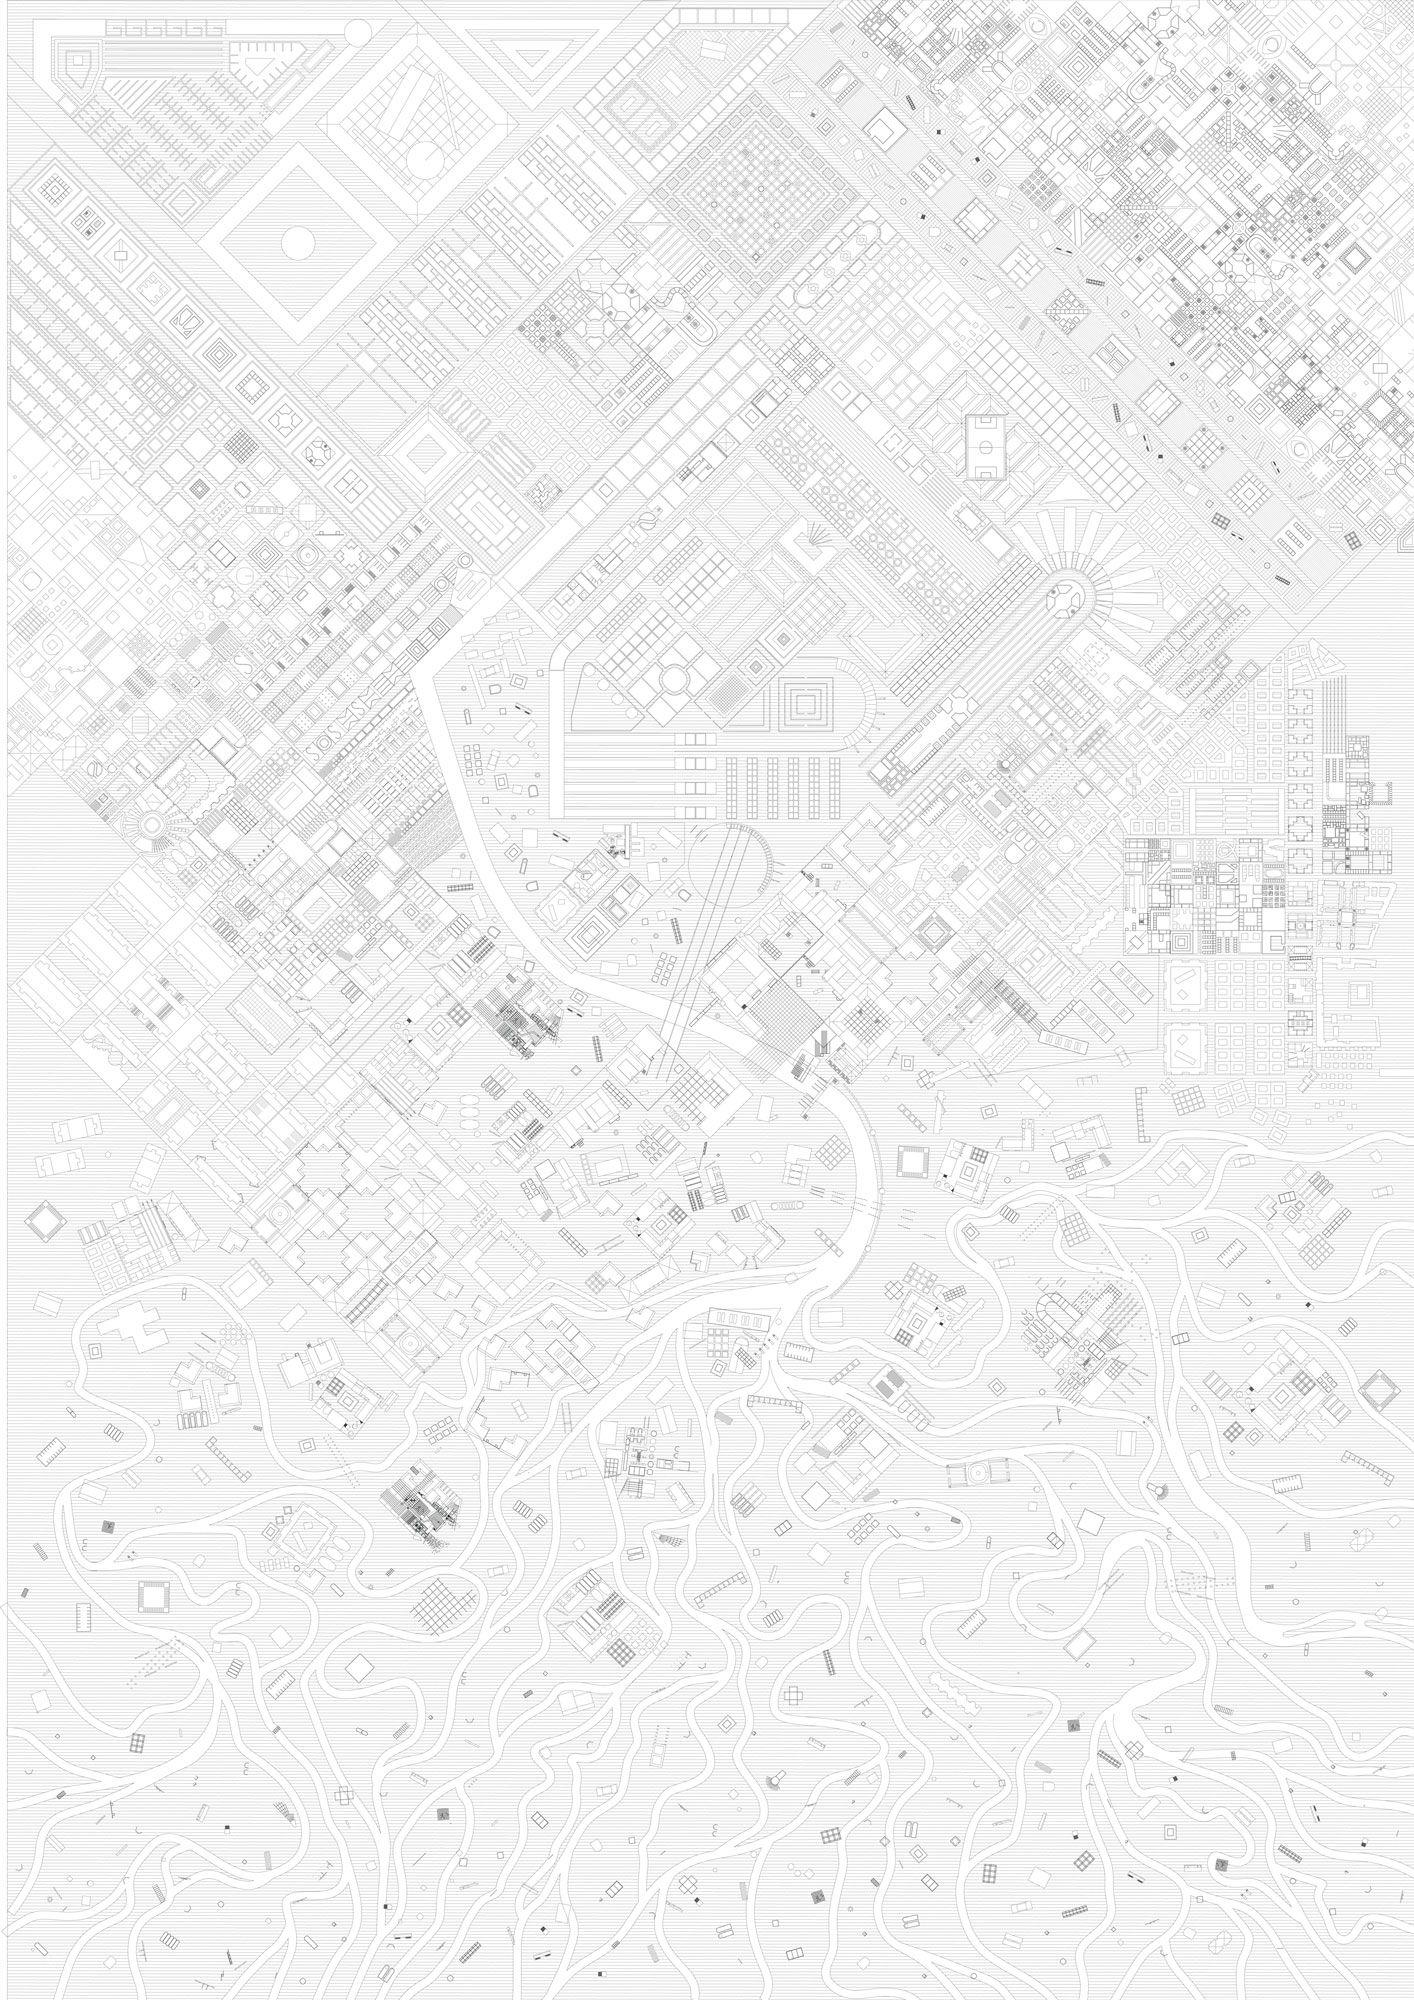 magliani-pr10.jpg (1414×2000)